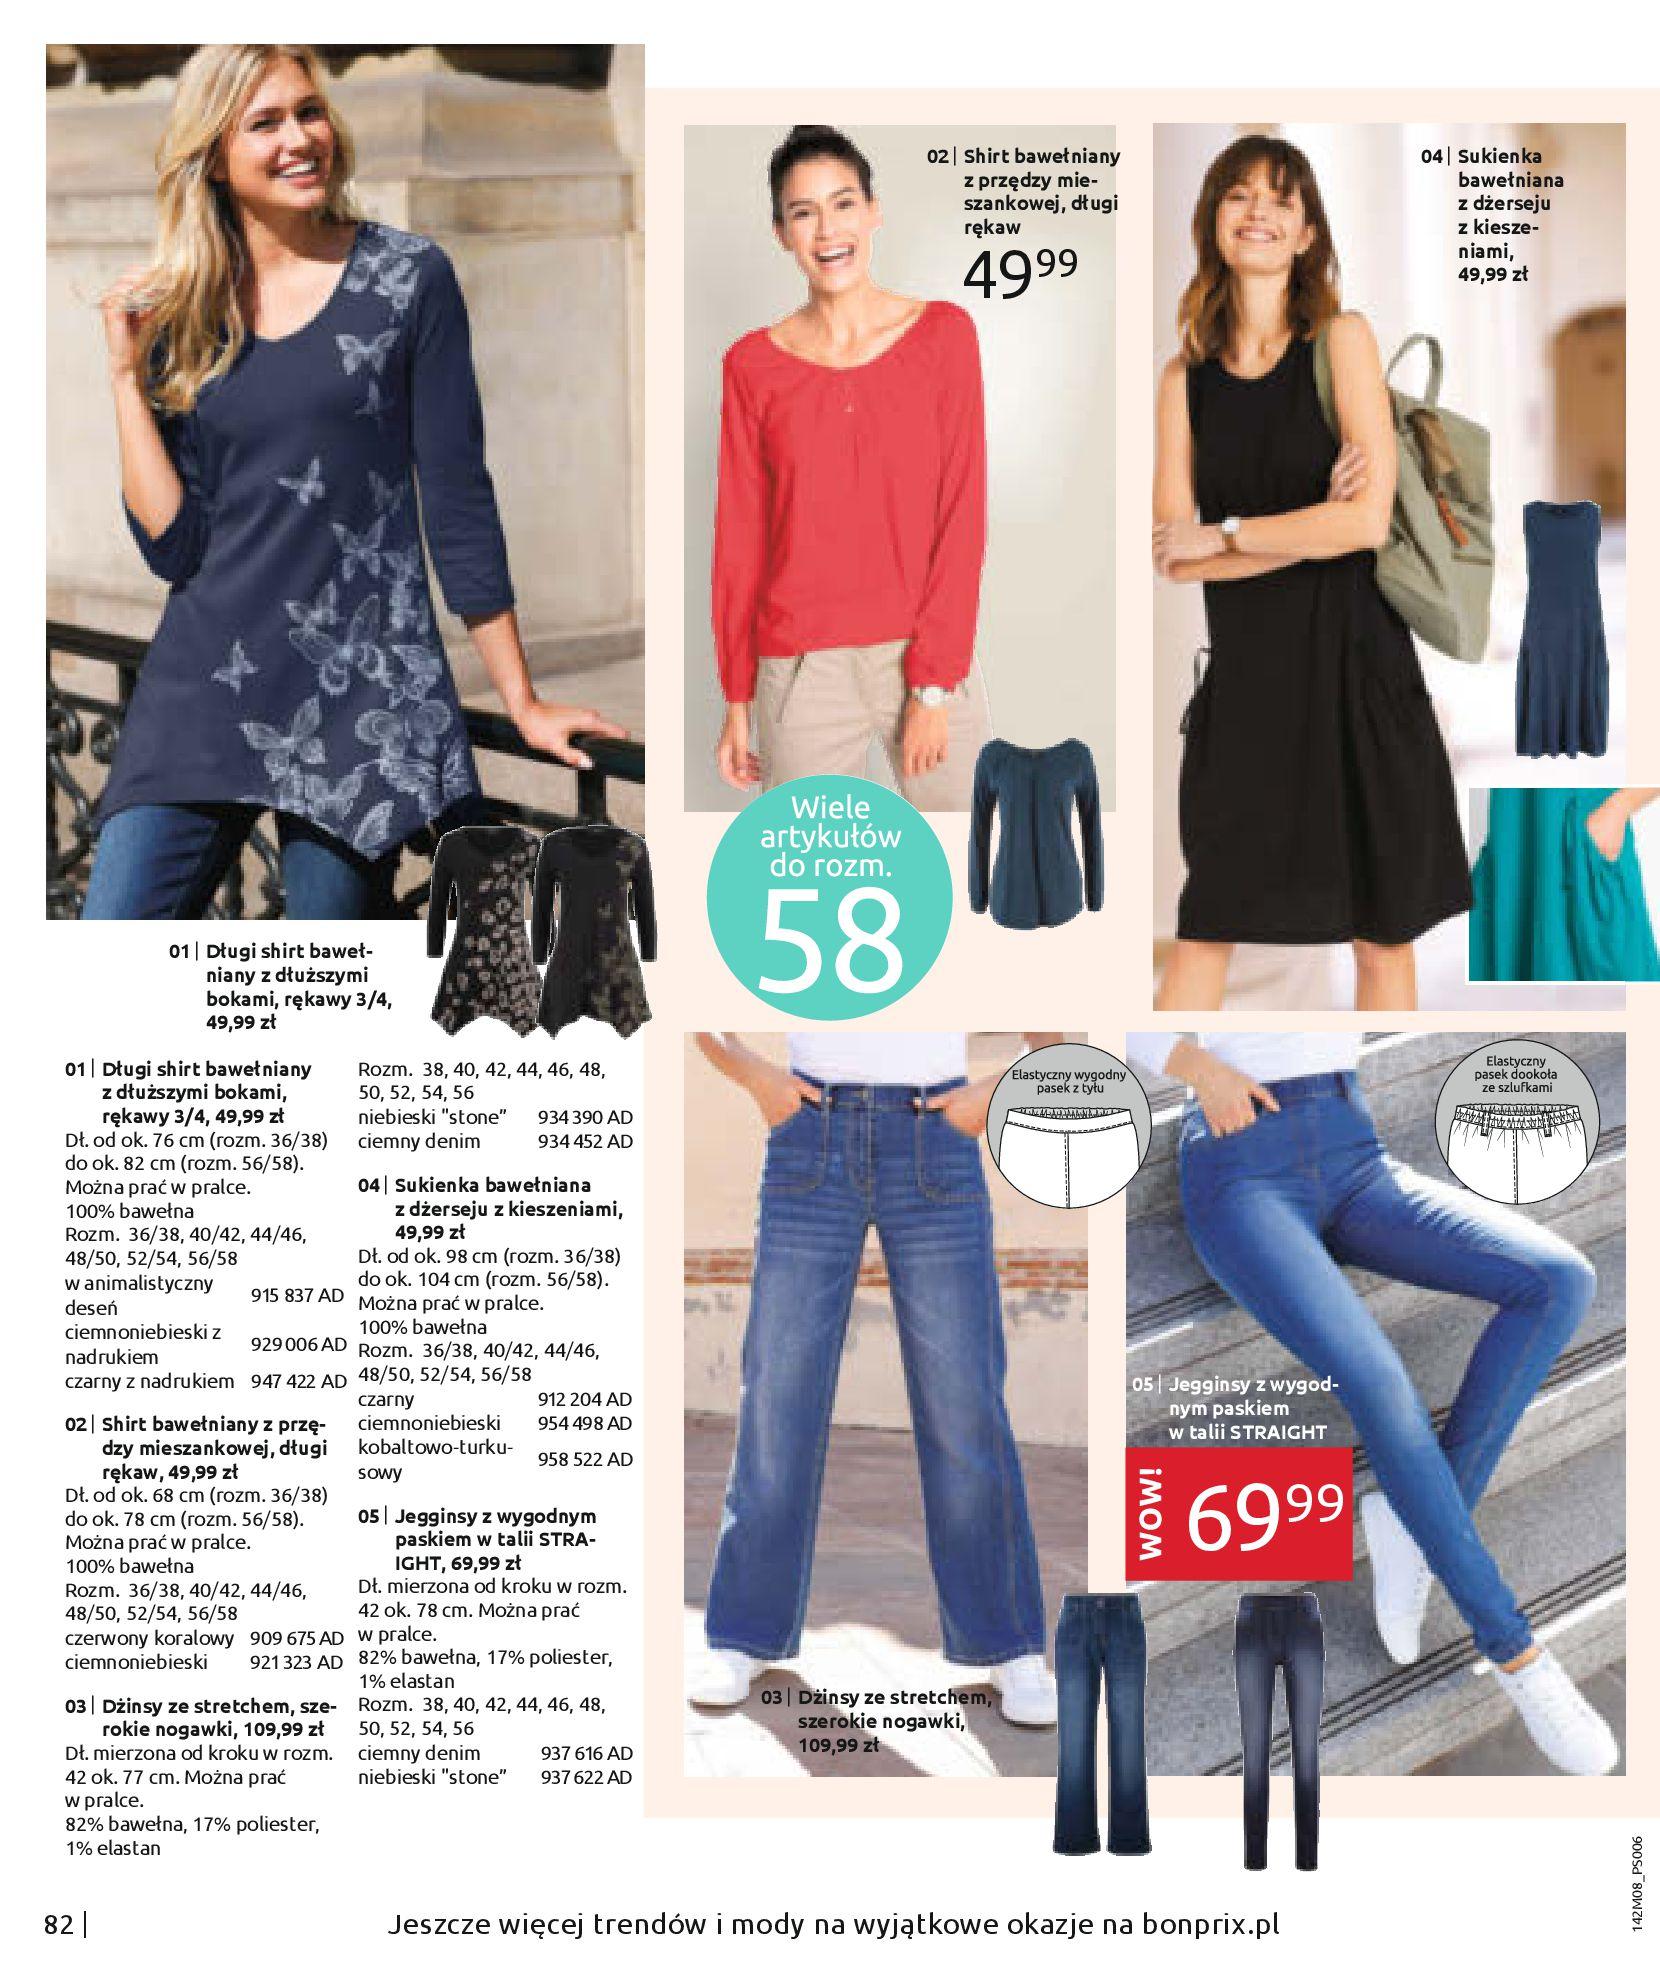 Gazetka Bonprix - Hity dżinsowej mody!-25.08.2020-10.02.2021-page-84